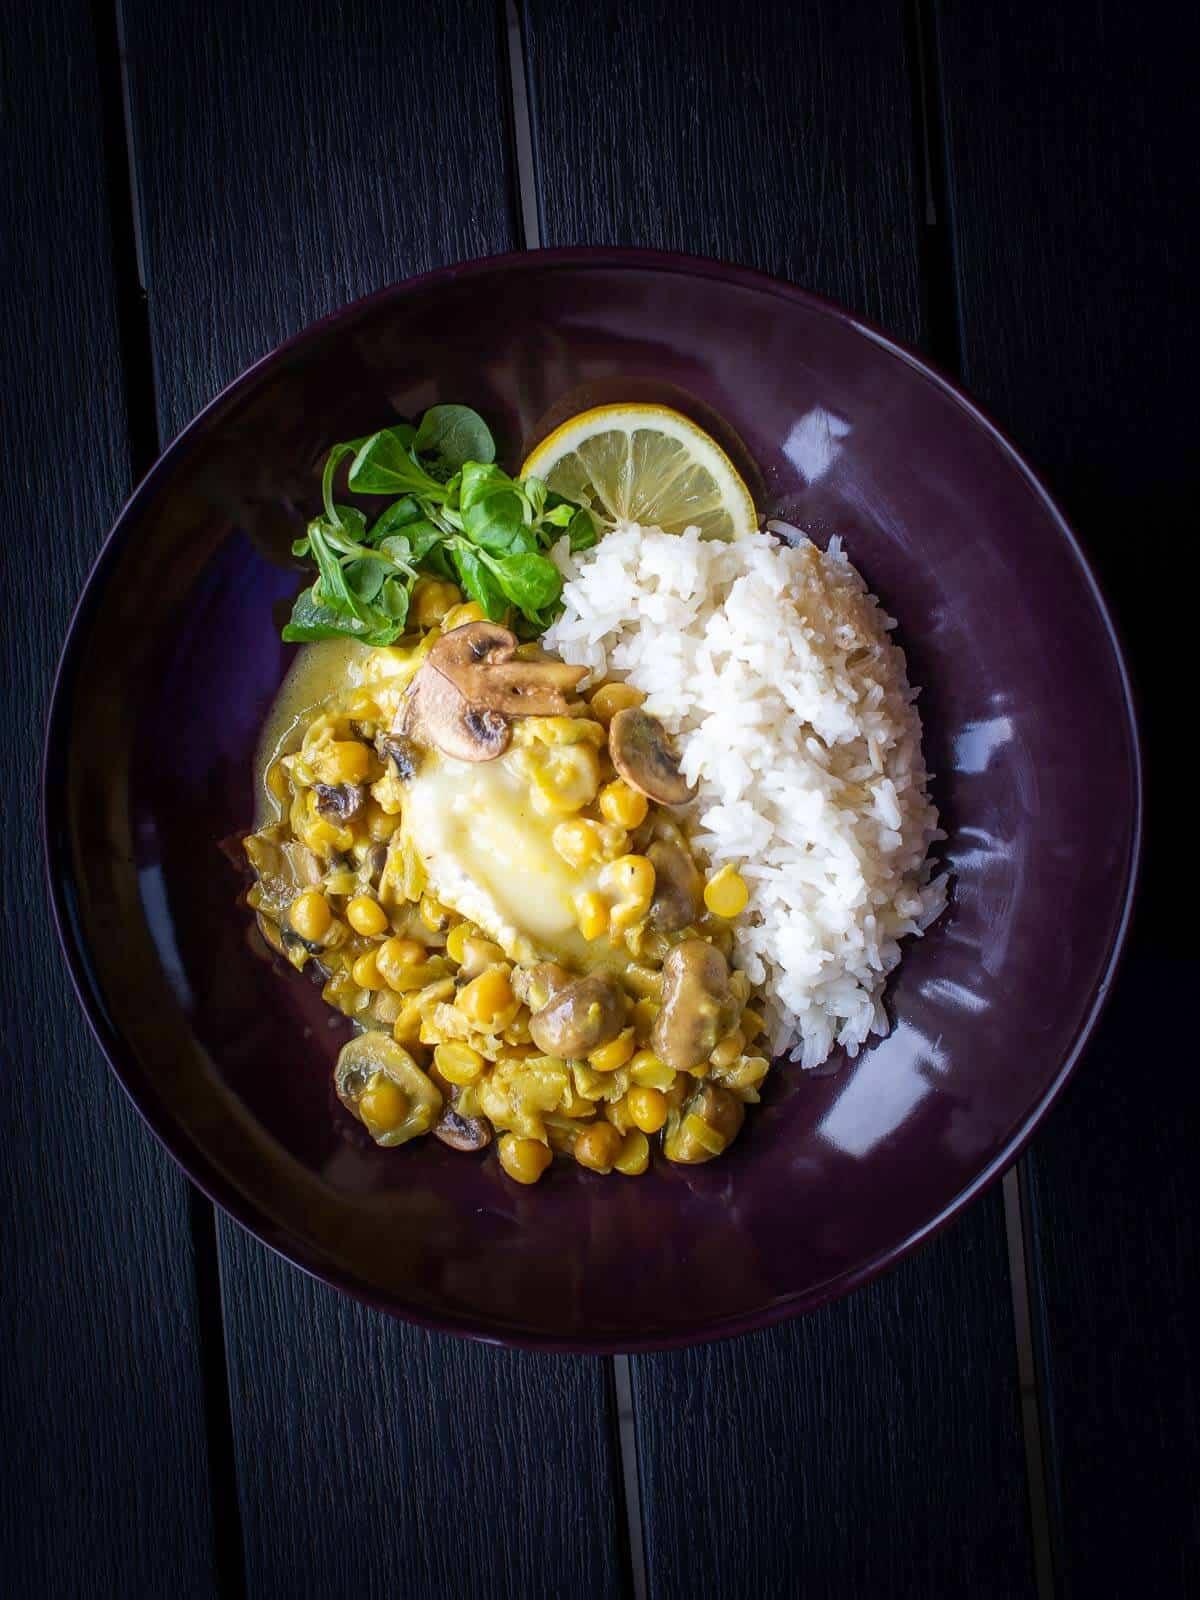 saffron garbanzo beans casserole with rice